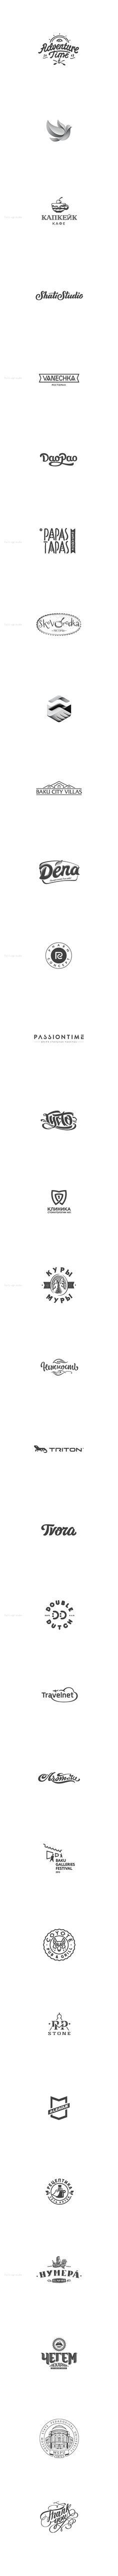 30 Logos of 2013 by Igor Hrupin, via Behance